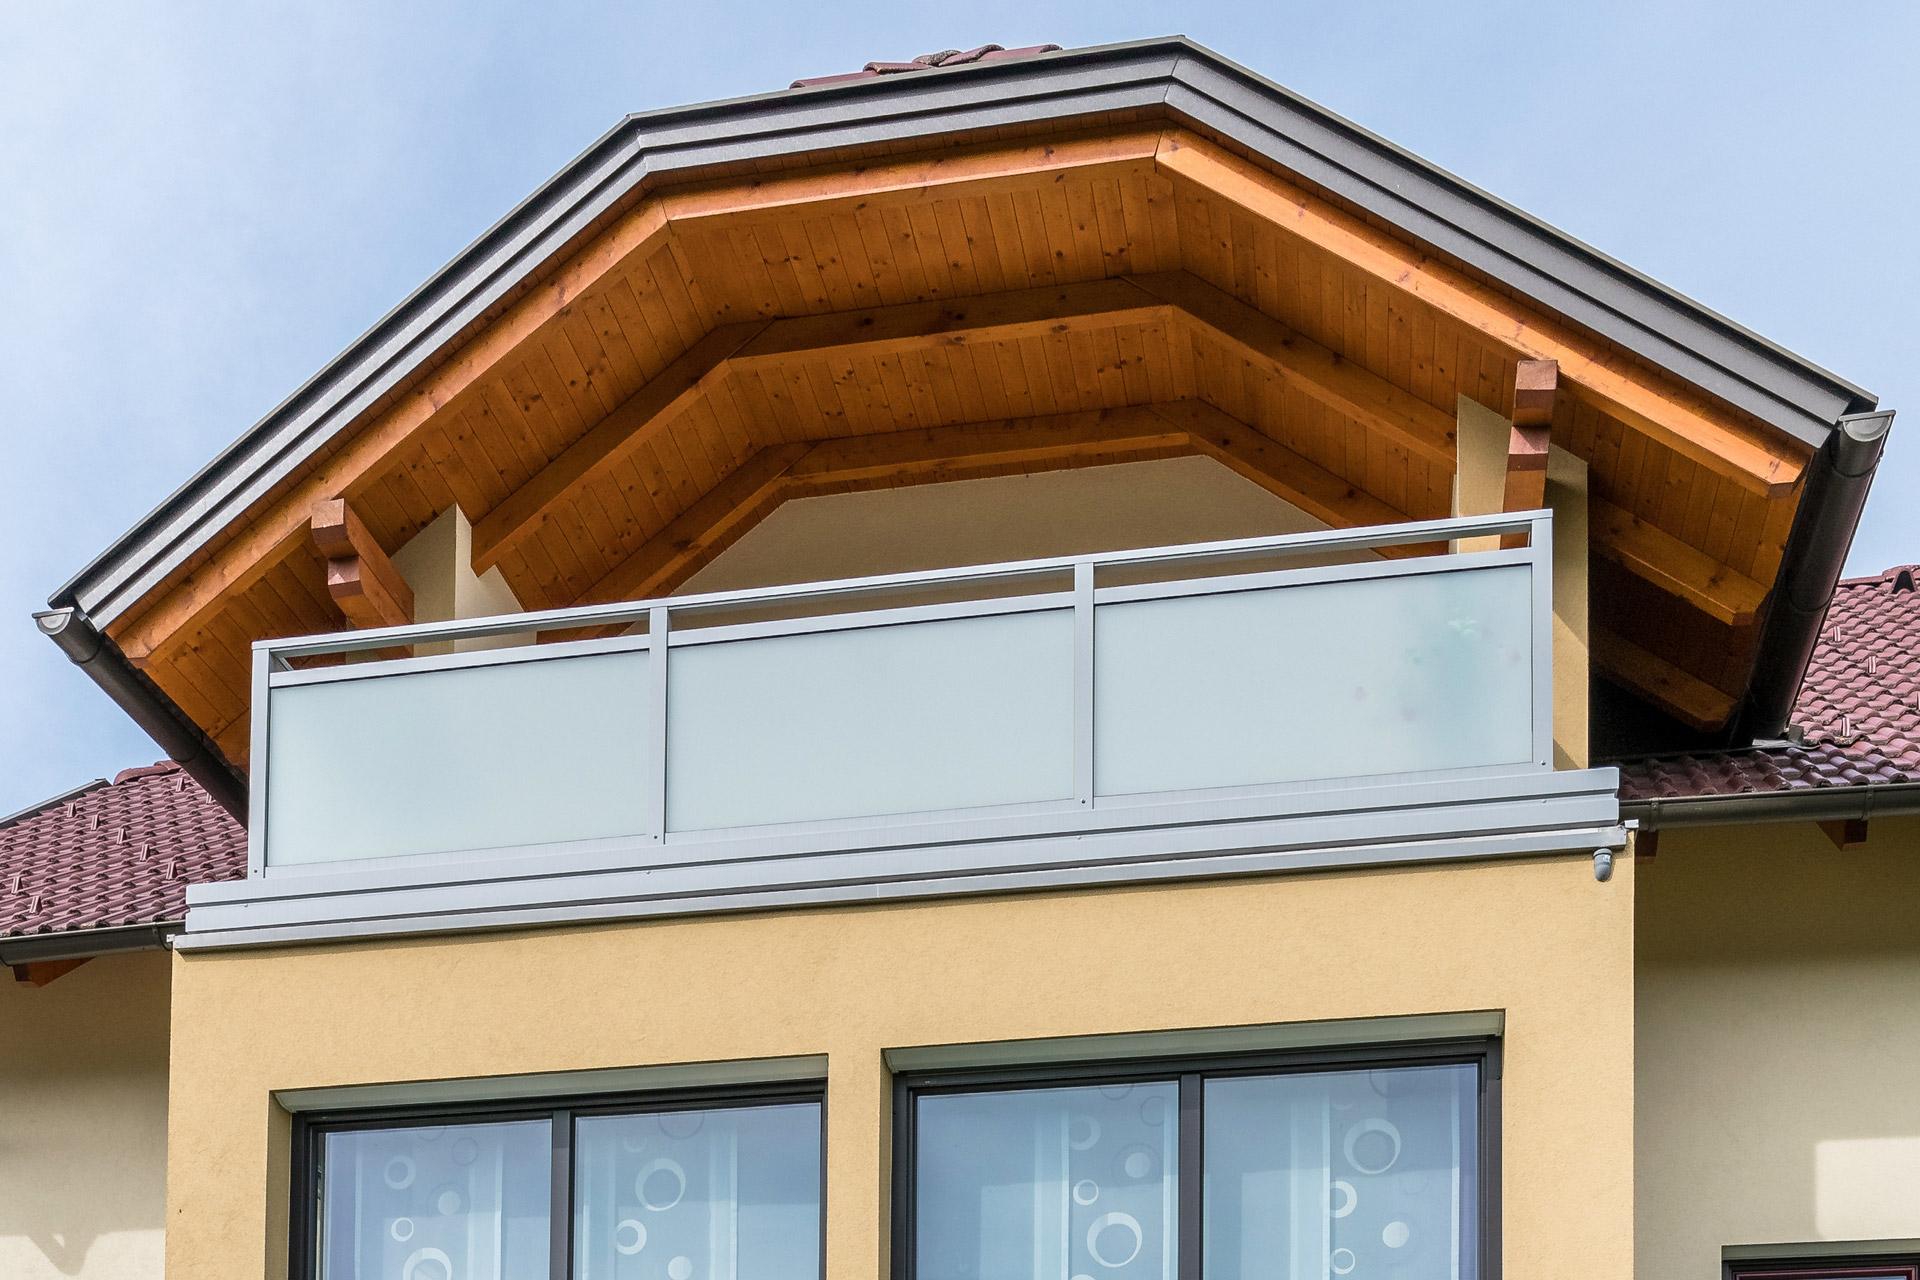 Hall 05 b   Blickdichter Alu-Glas-Balkon mit hellgrauem Alurahmen und matter Glasfüllung   Svoboda